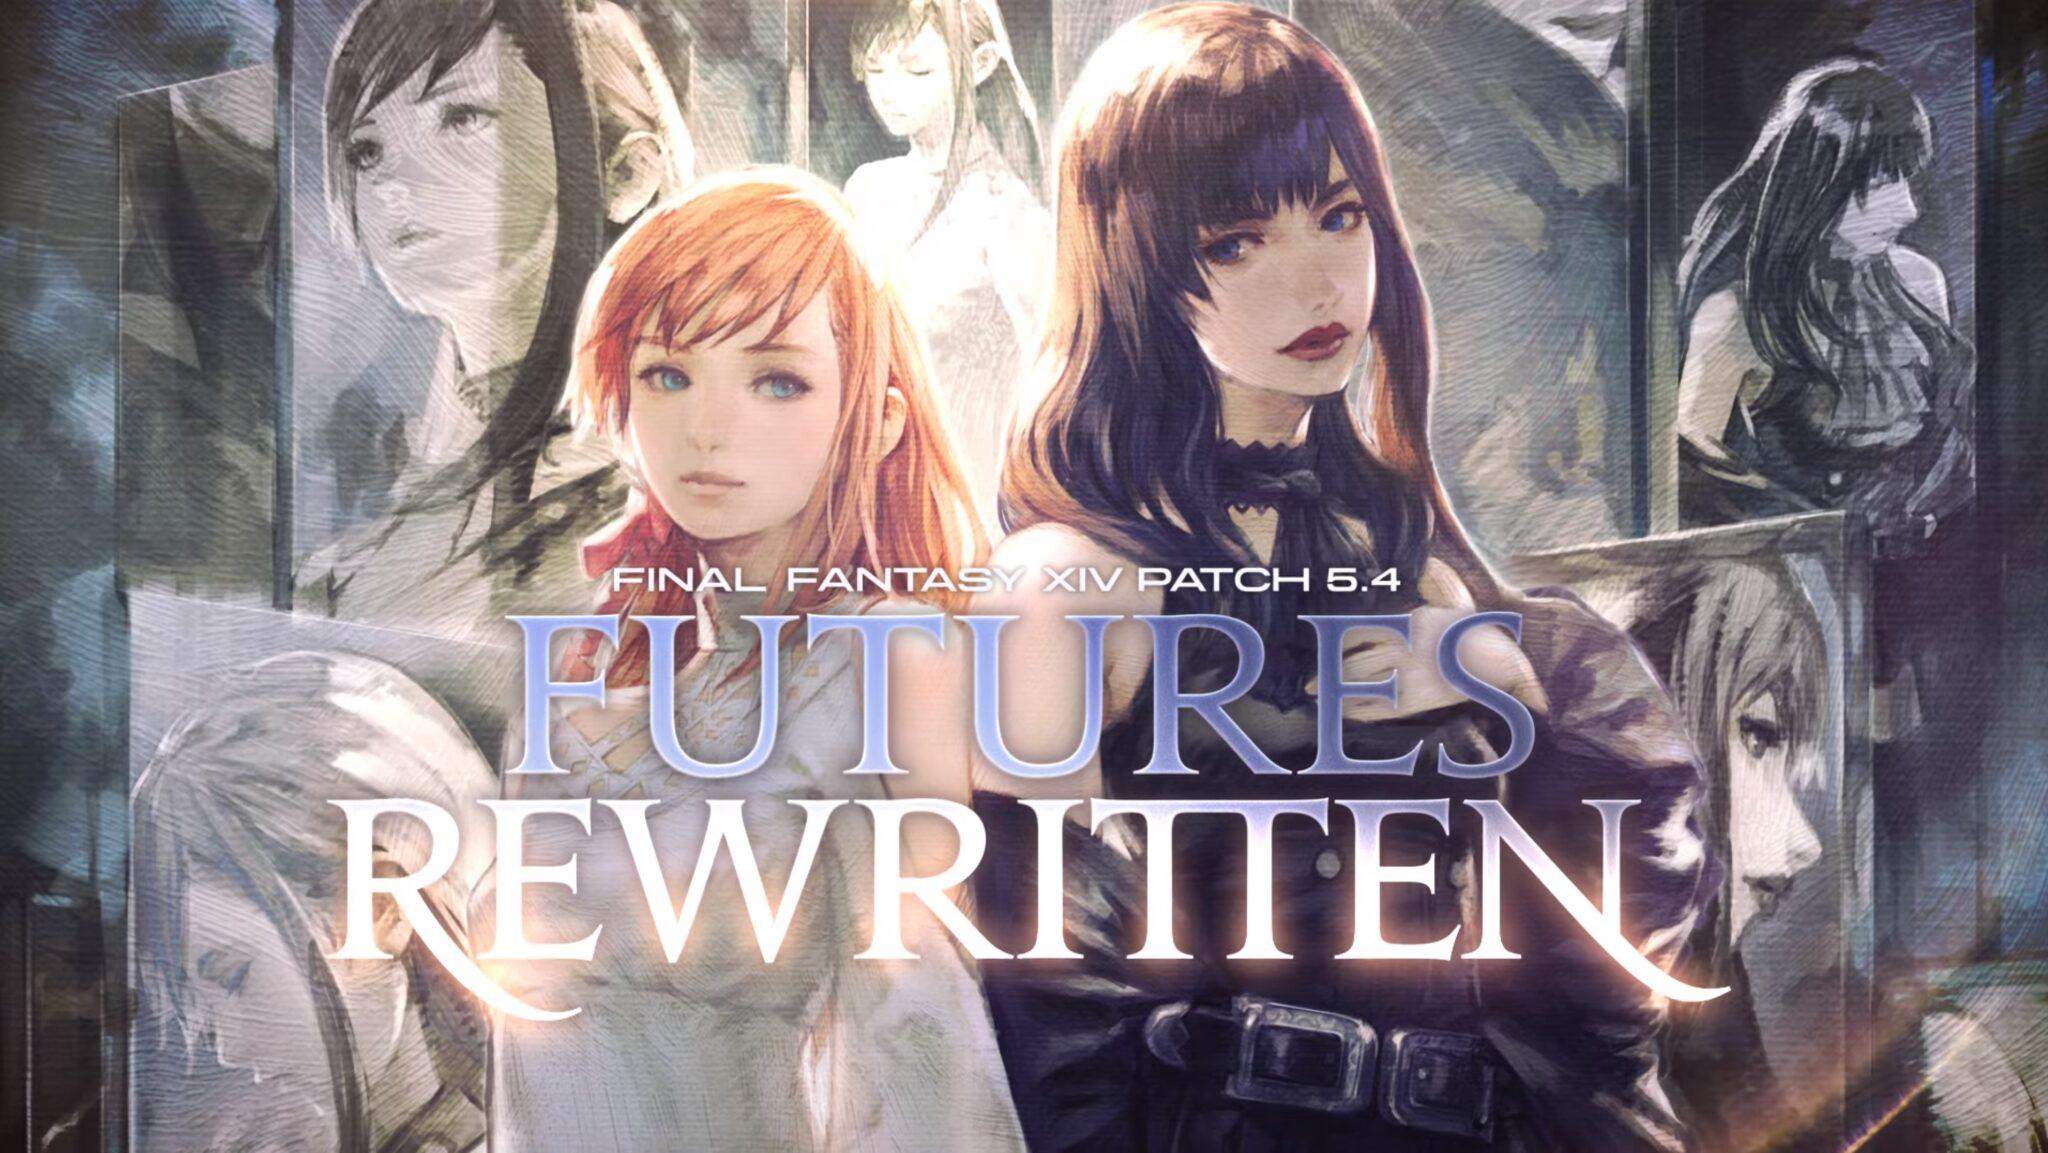 Final Fantasy XIV mise à jour 5.4 Ryne et Gaia